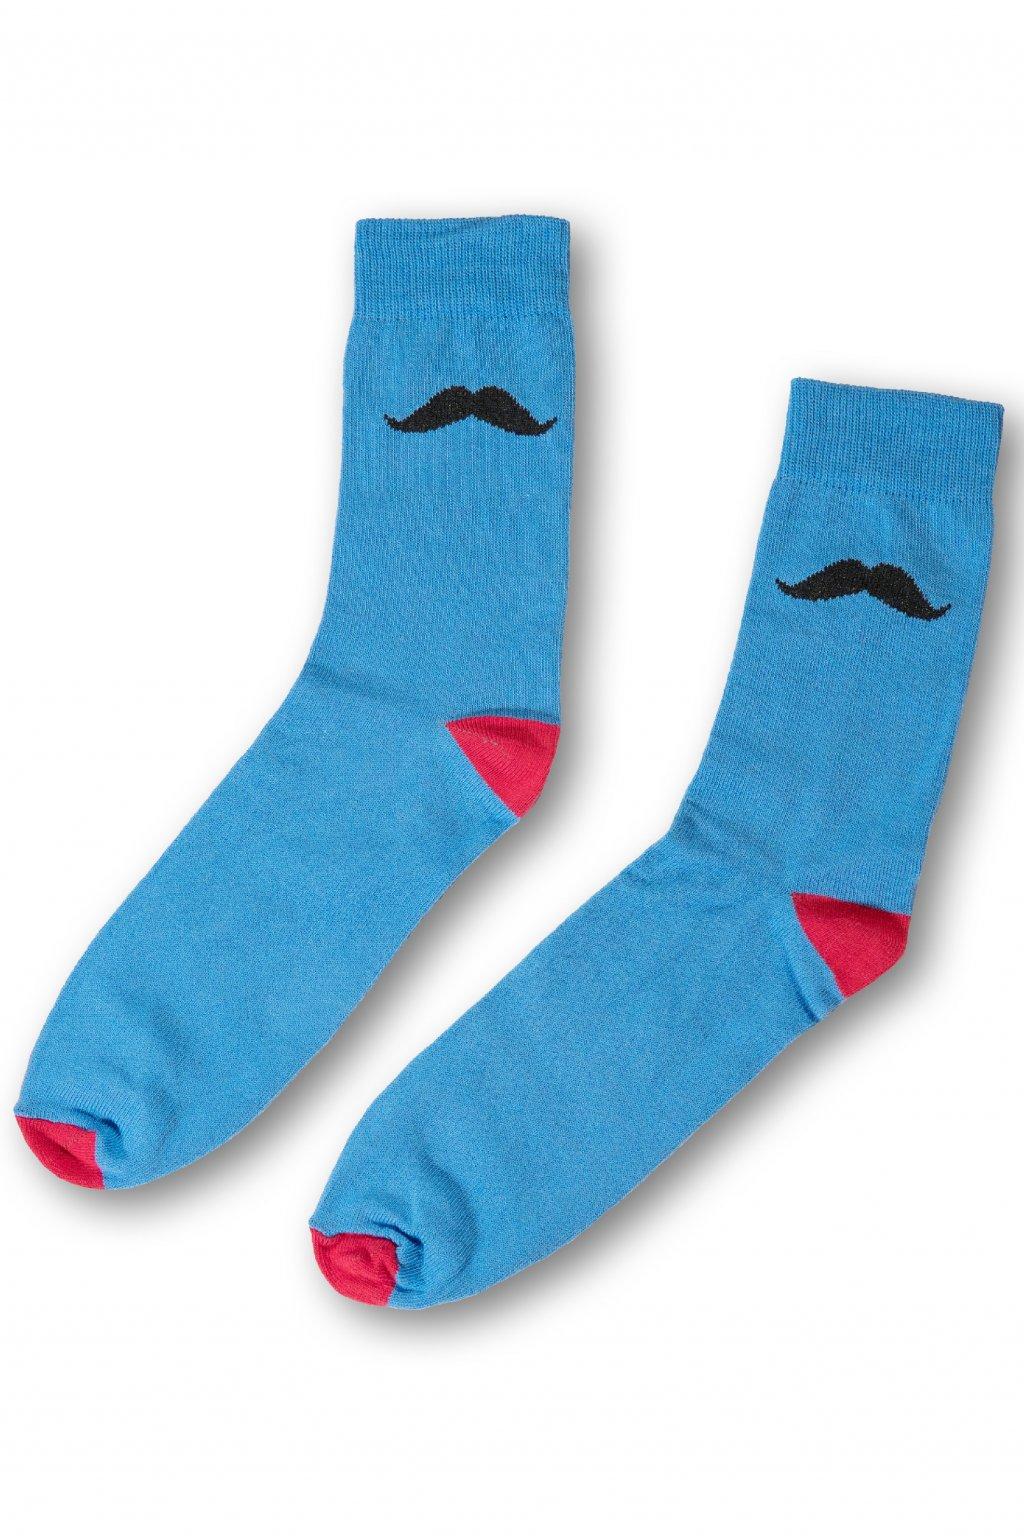 modrocervene barevne vesele ponozky Le Fusek 1